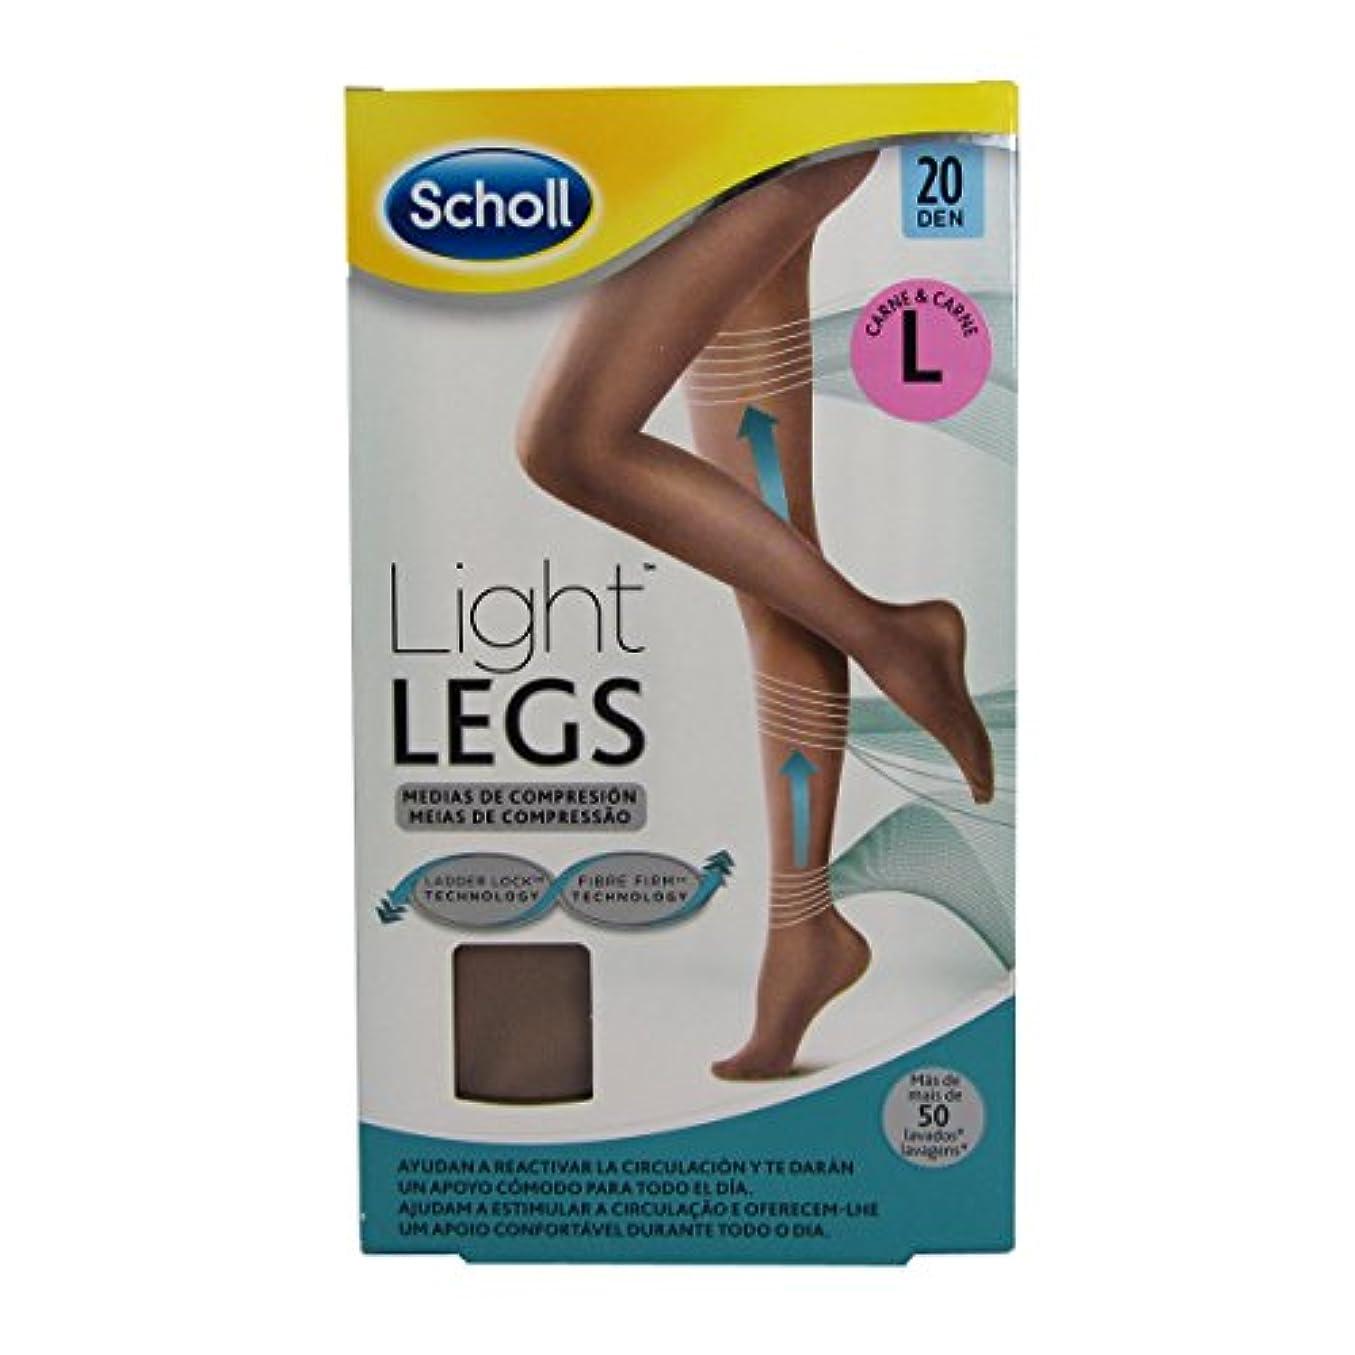 フレームワークを必要としています一晩Scholl Light Legs Compression Tights 20den Skin Large [並行輸入品]